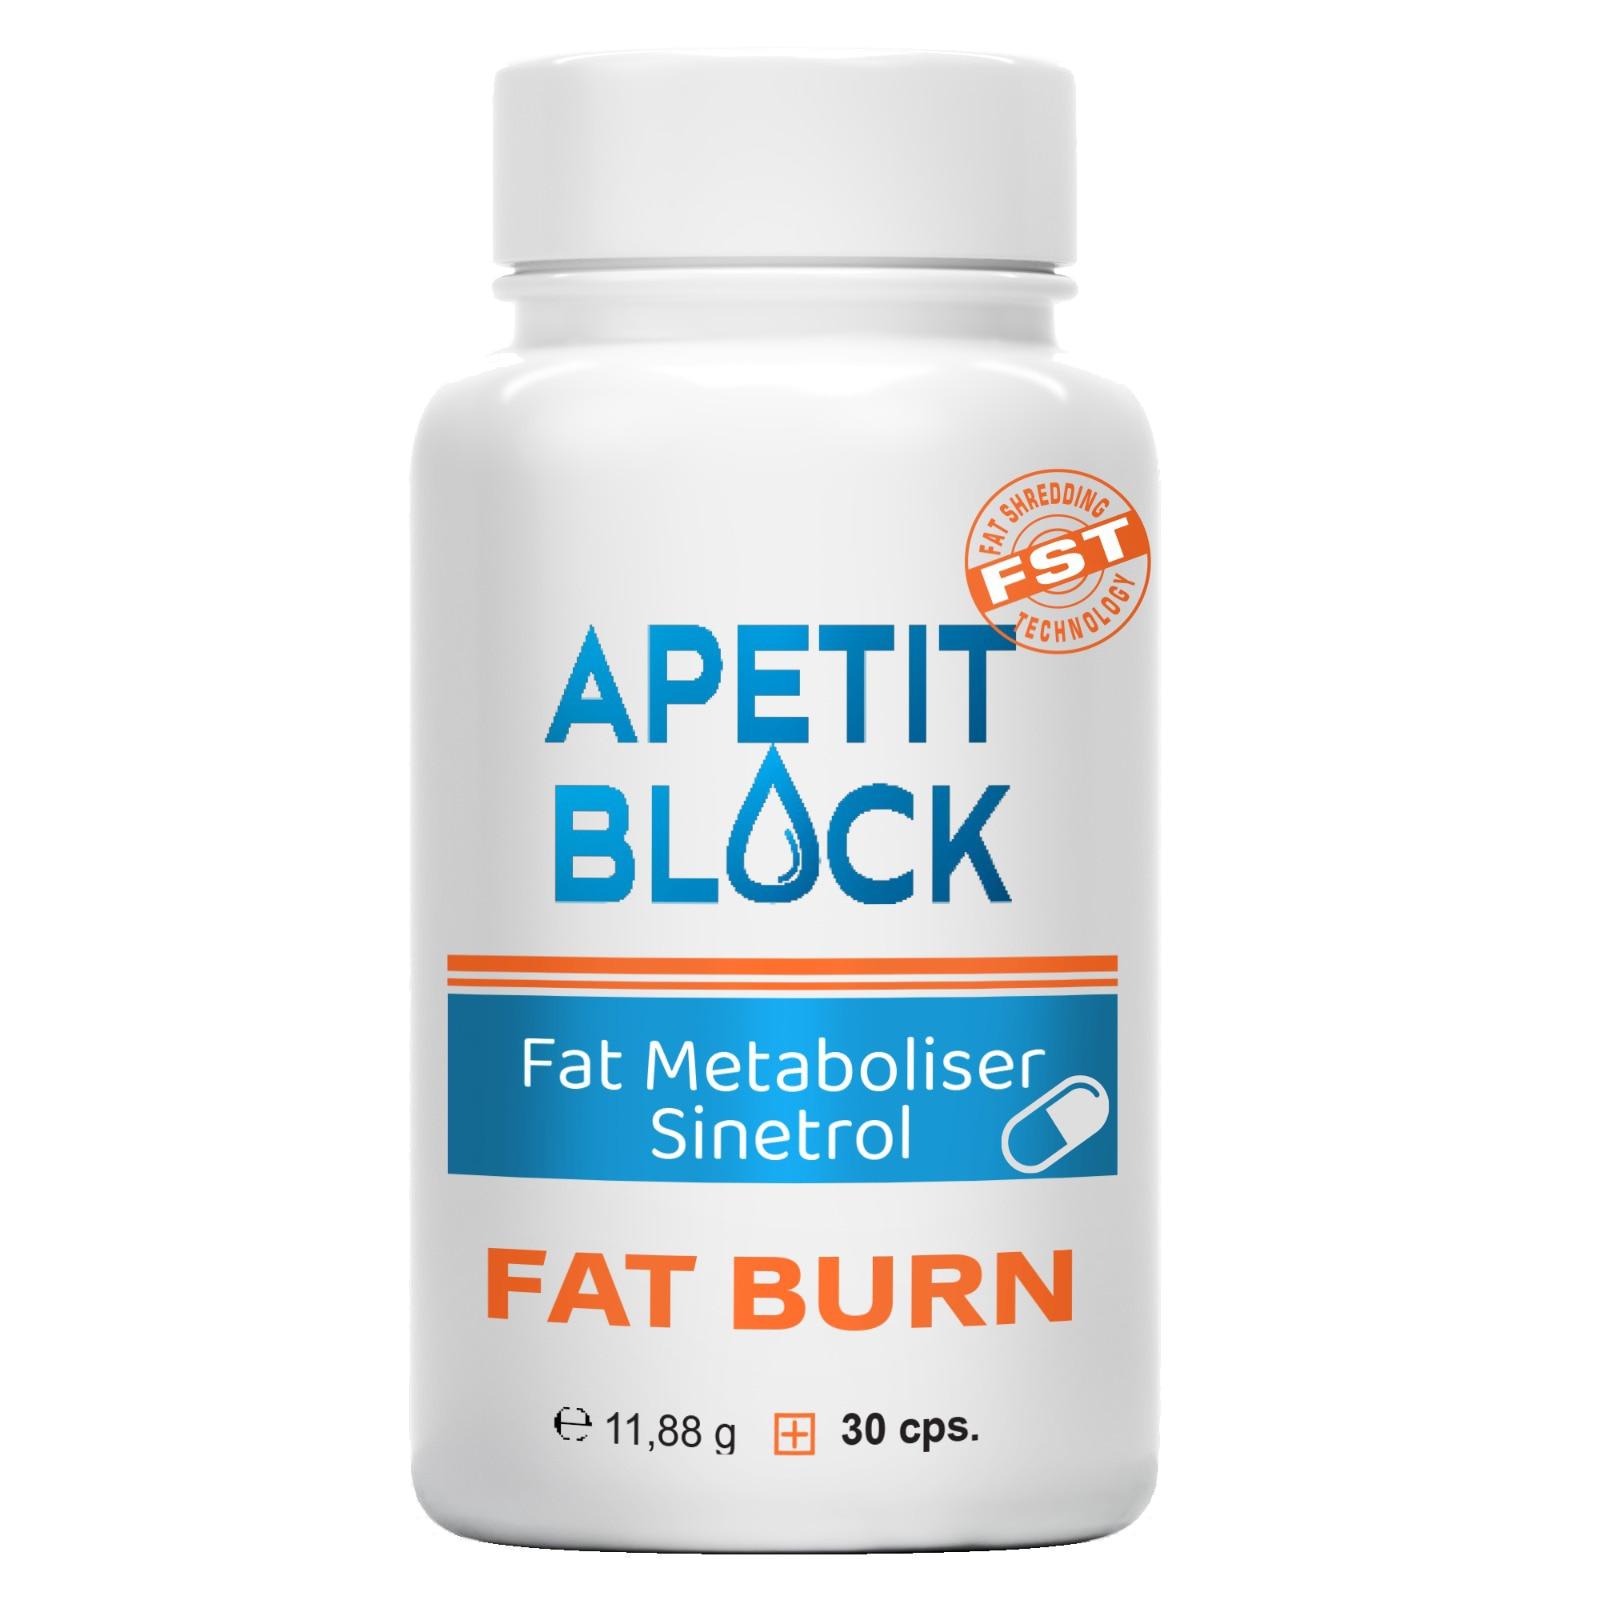 suplimentul pentru pierderea în greutate fără jitters flat bum după pierderea în greutate